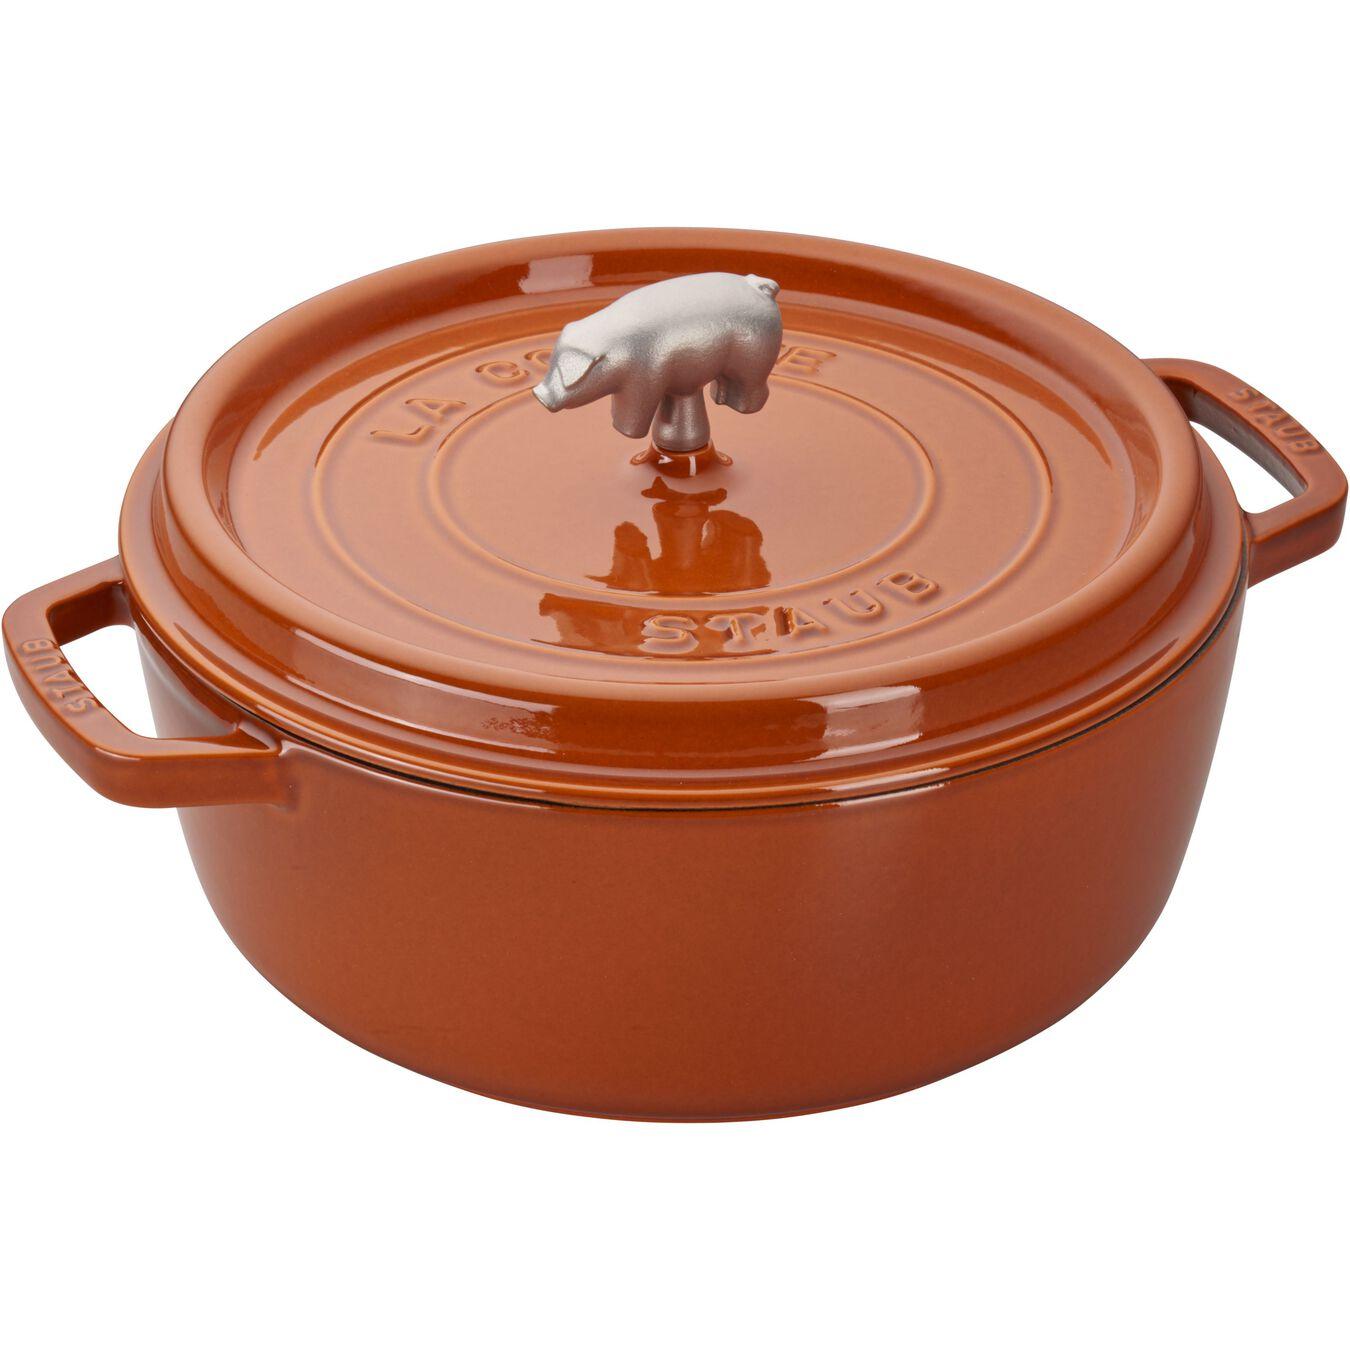 6-qt Cochon Shallow Wide Round Cocotte - Burnt Orange,,large 1